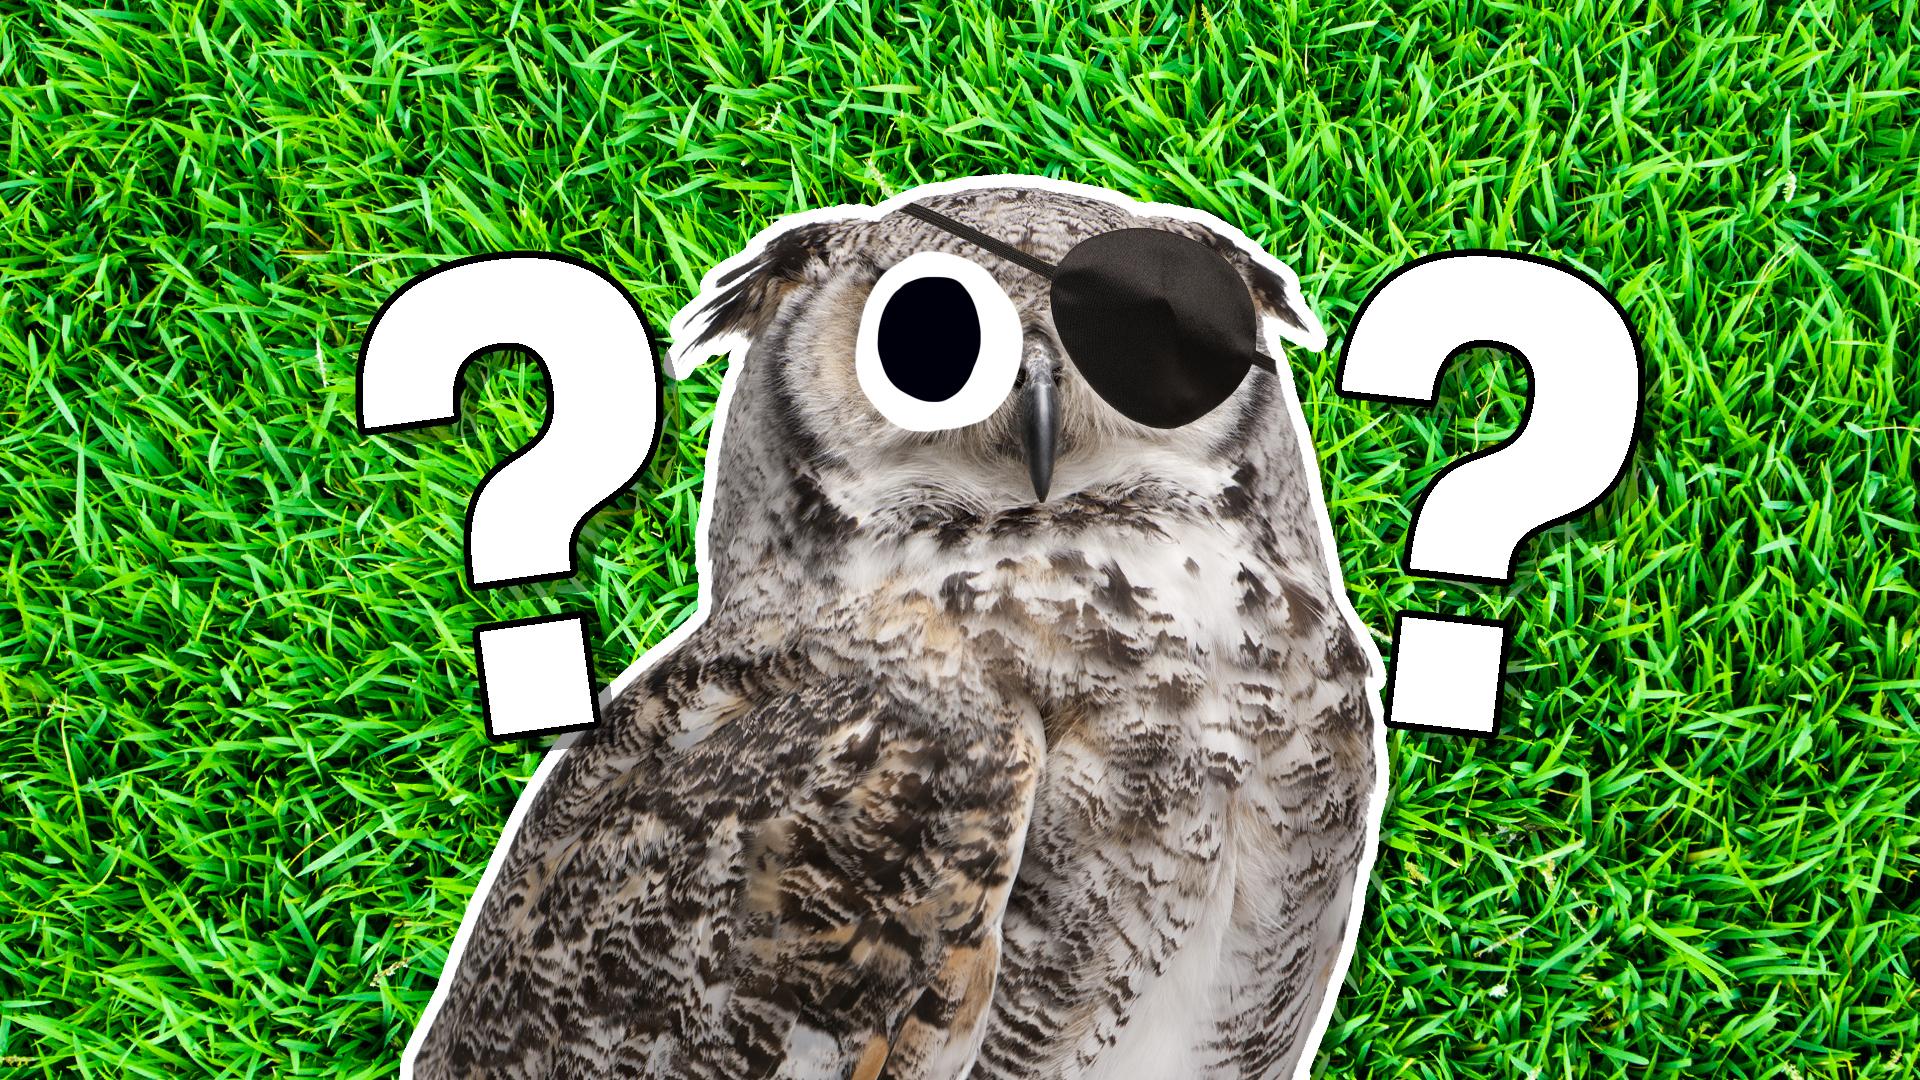 An owl wearing an eyepatch